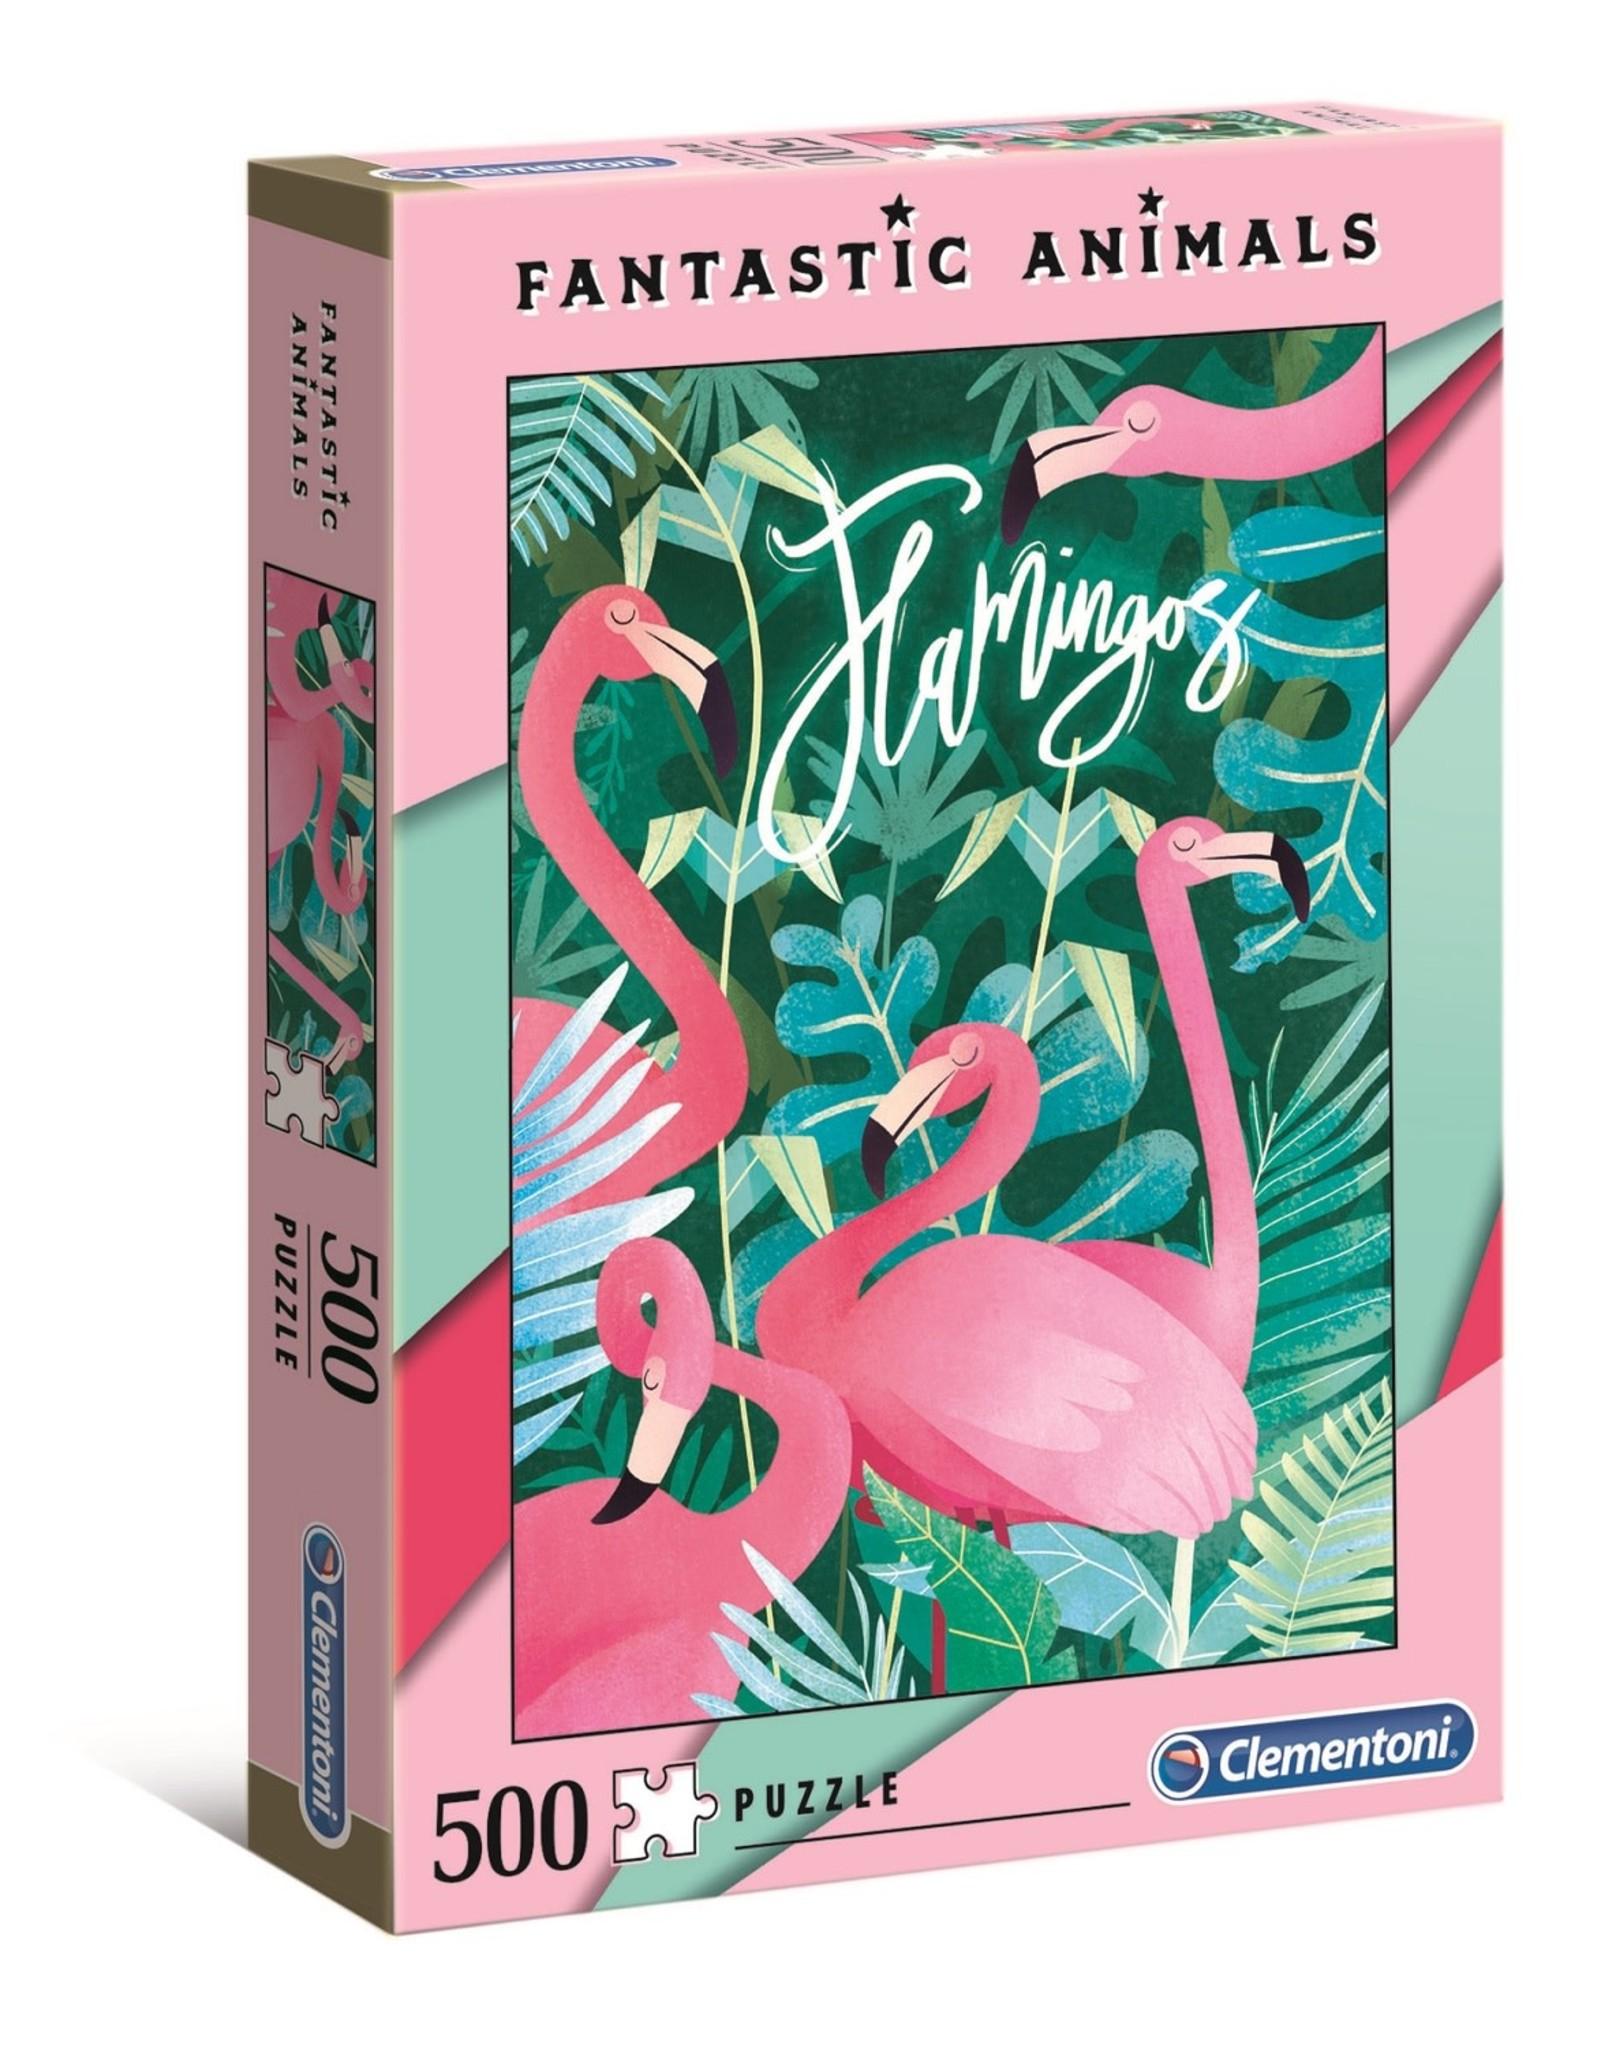 """Clementoni """"Fantastic Animals: Flamingo"""" 500 Piece Puzzle"""